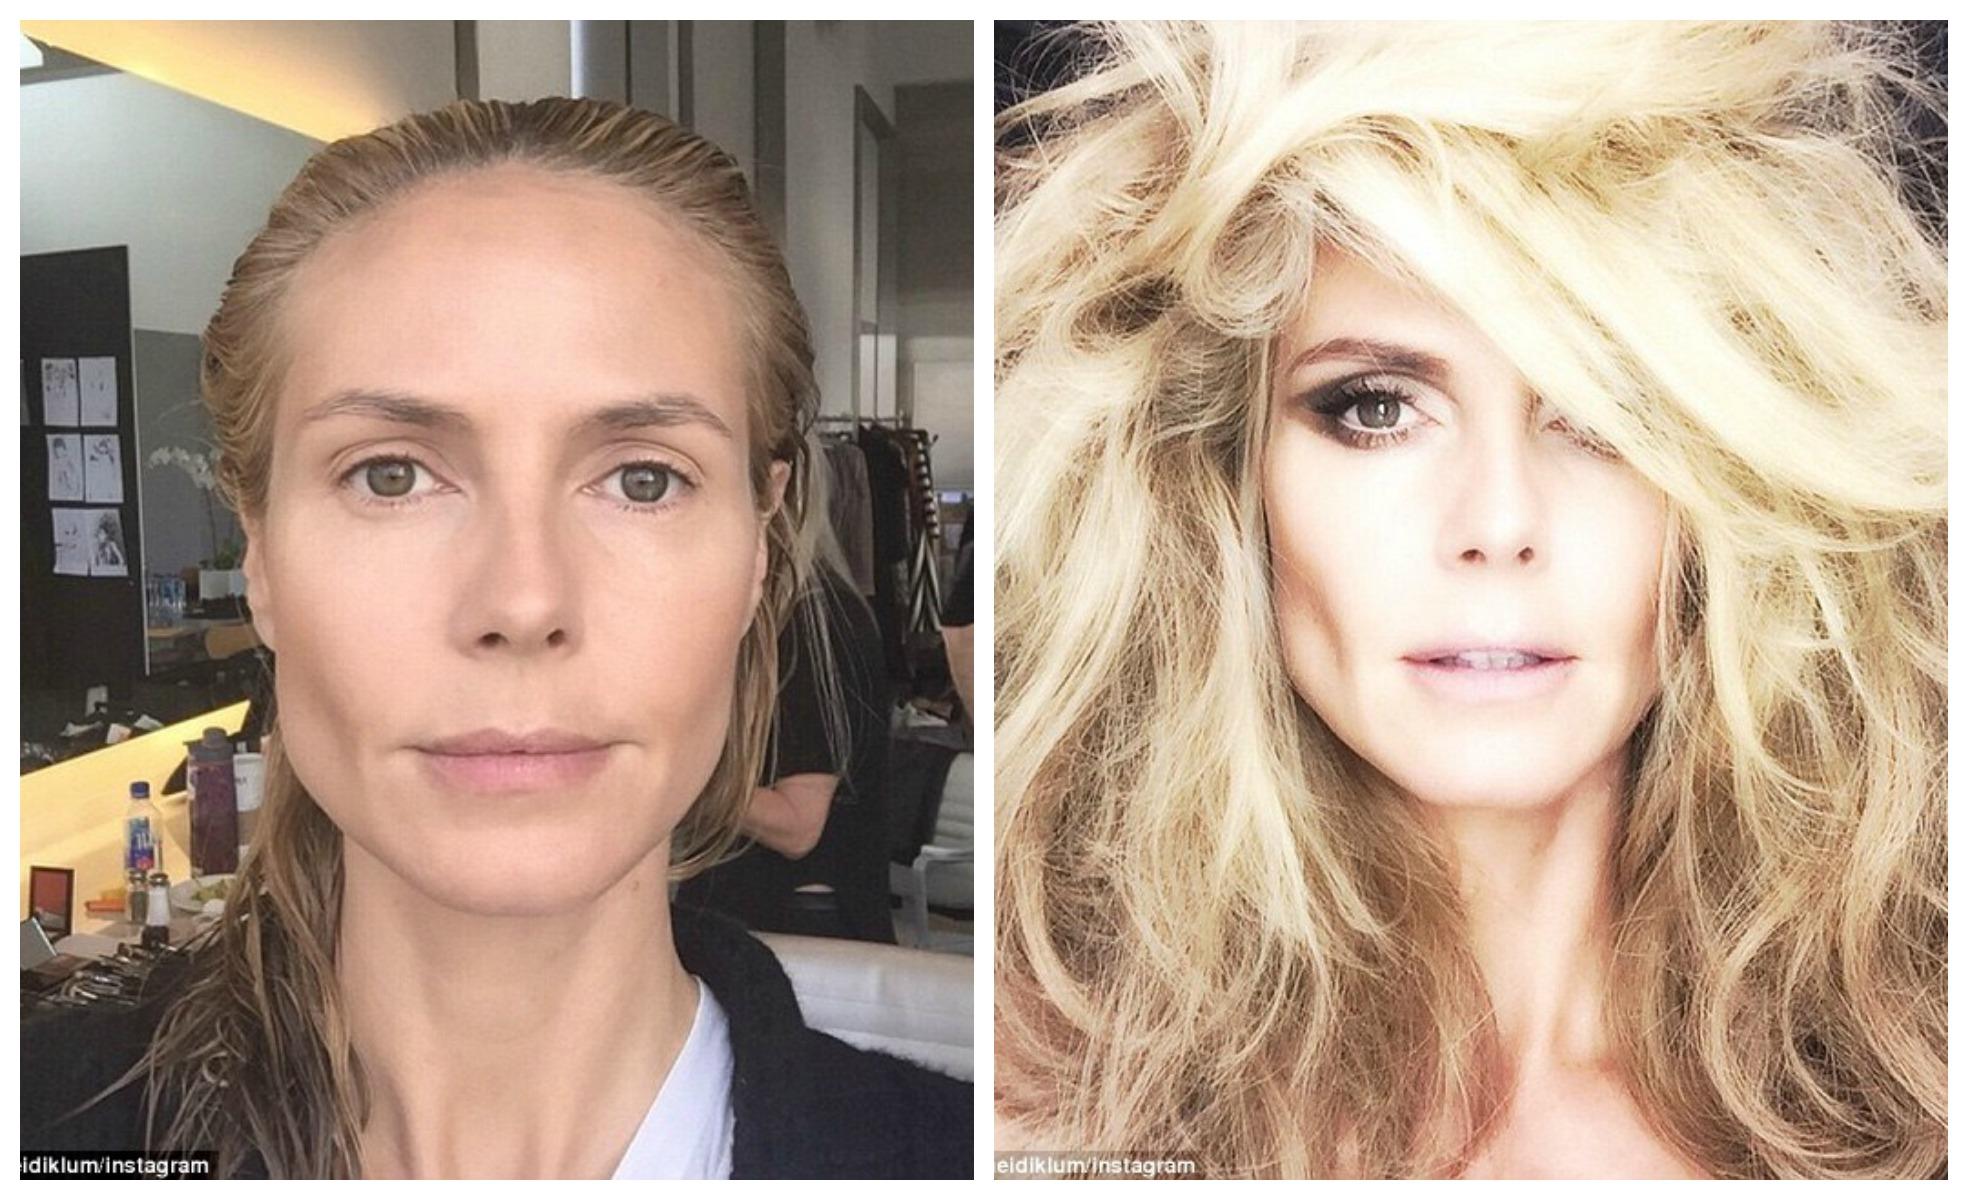 Хайди Клум показала фото до и после профессионального макияжа